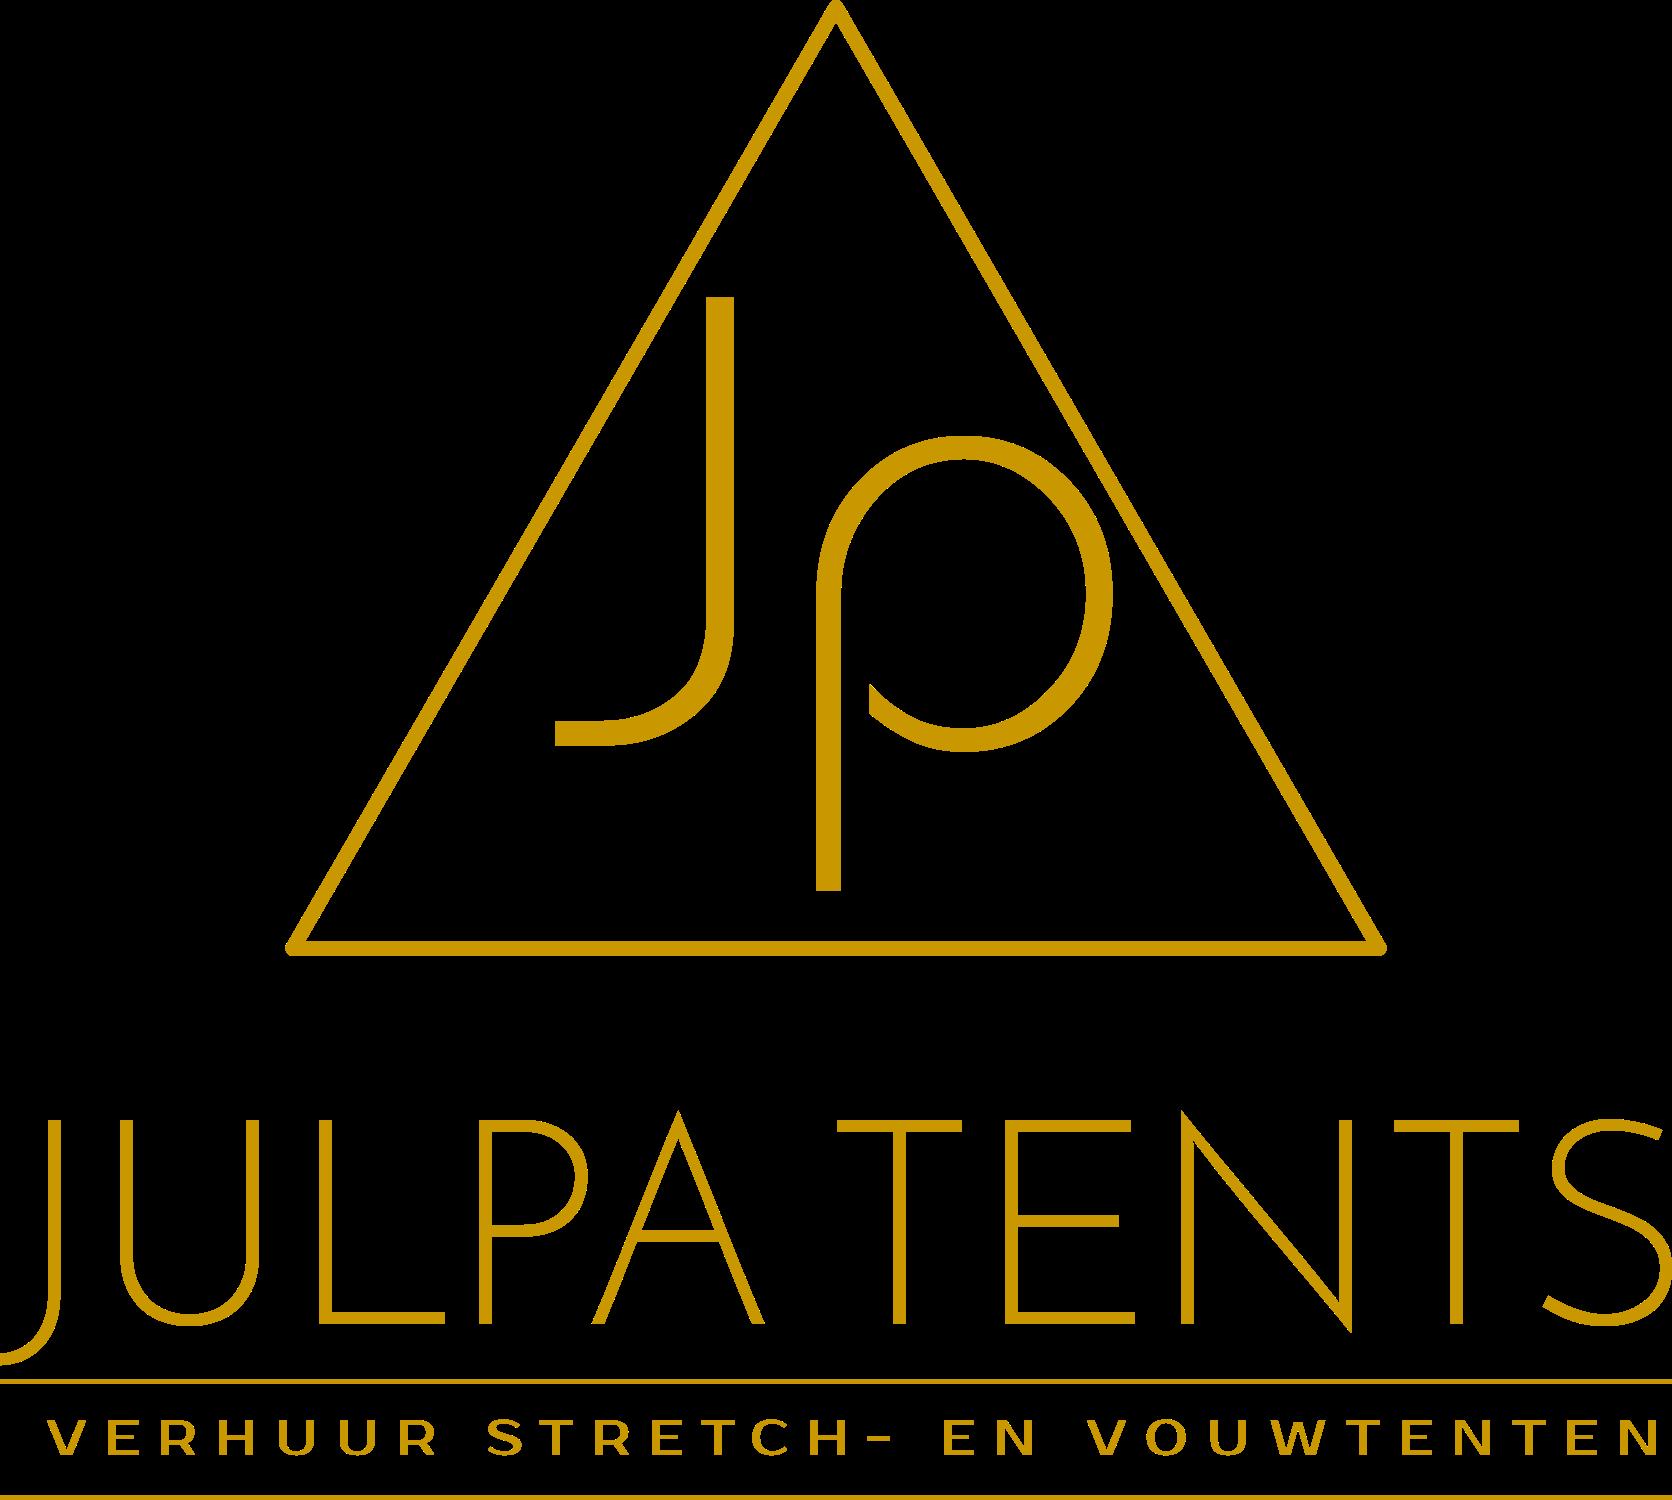 JulPa Tents